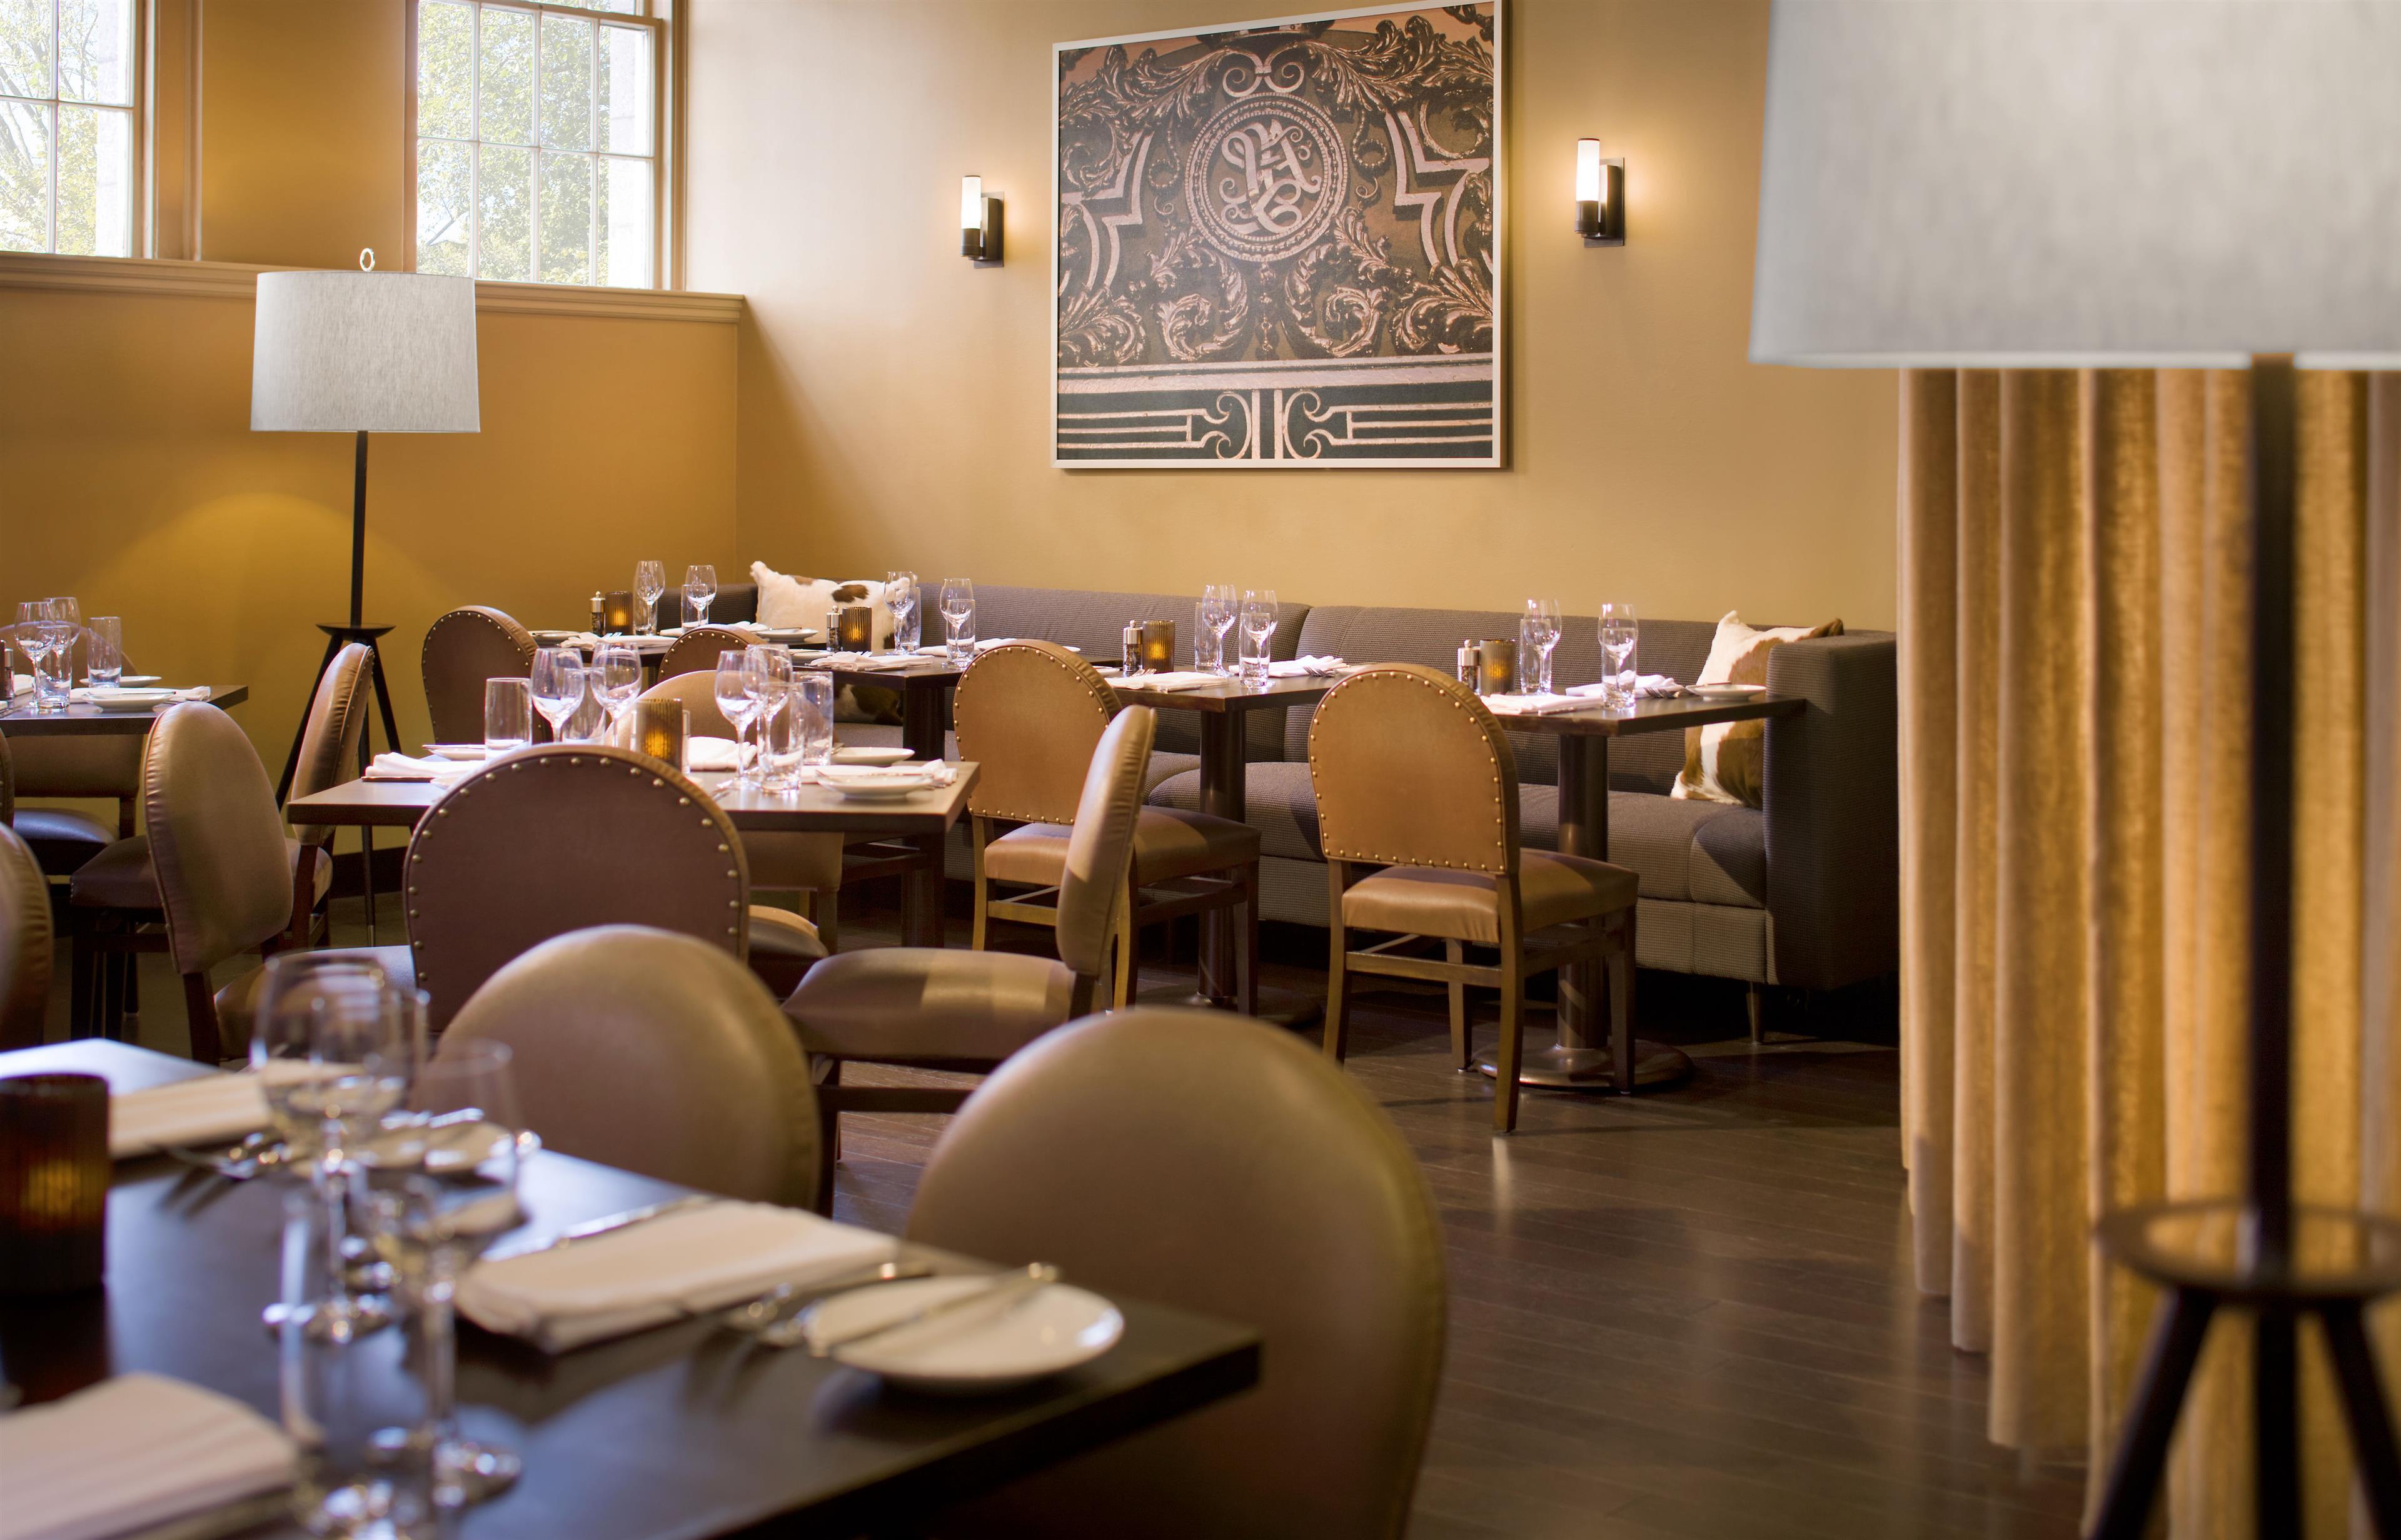 Sheraton commander hotel cambridge ma company profile - Private dining rooms cambridge ...